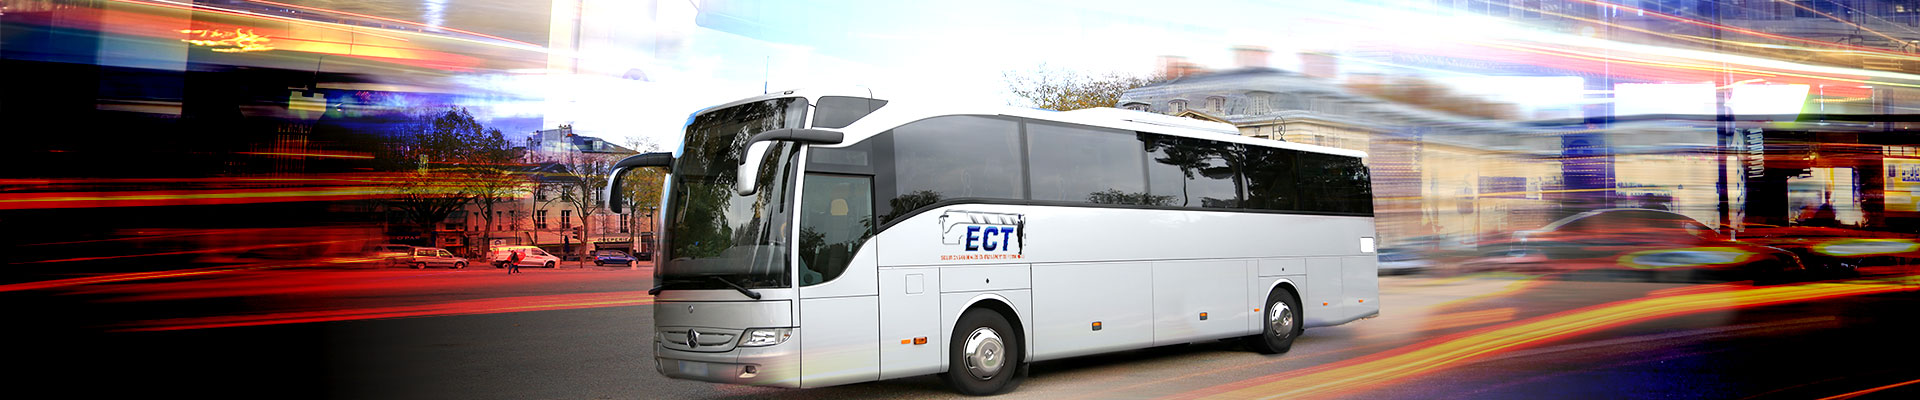 bus-ECT-ok